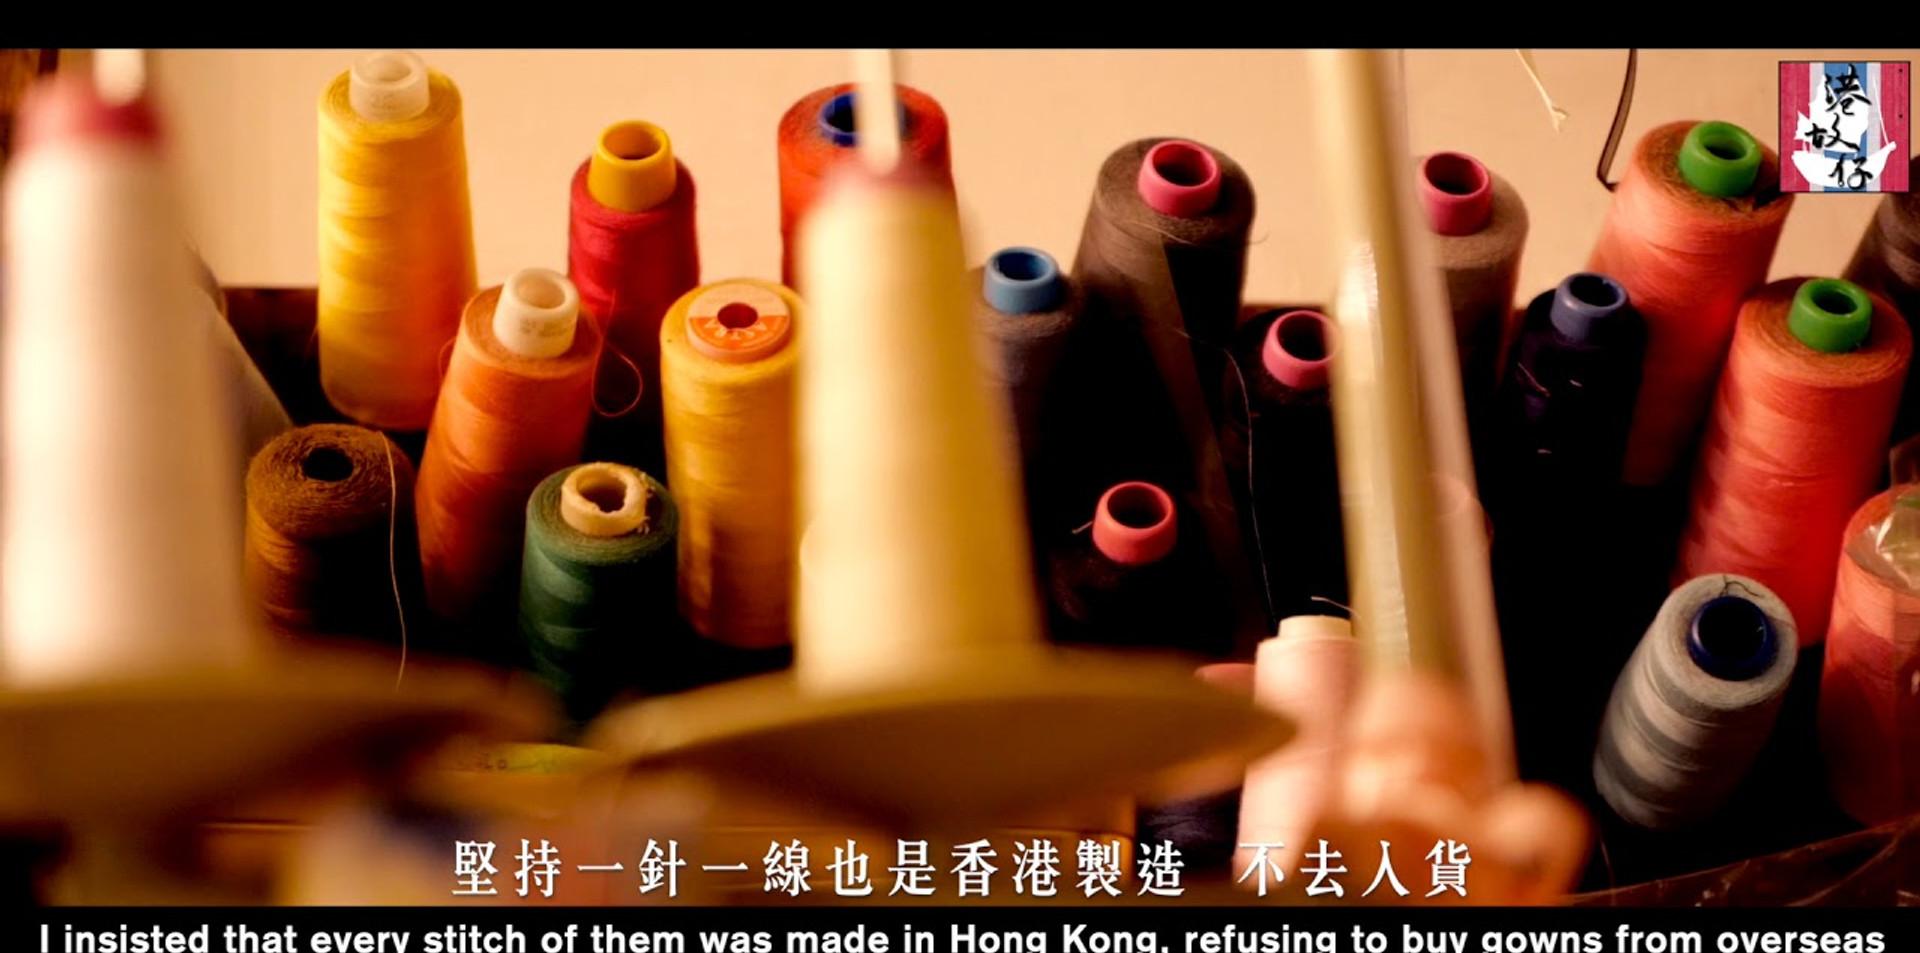 2.58 香港仲有本土手工造的嫁衣?